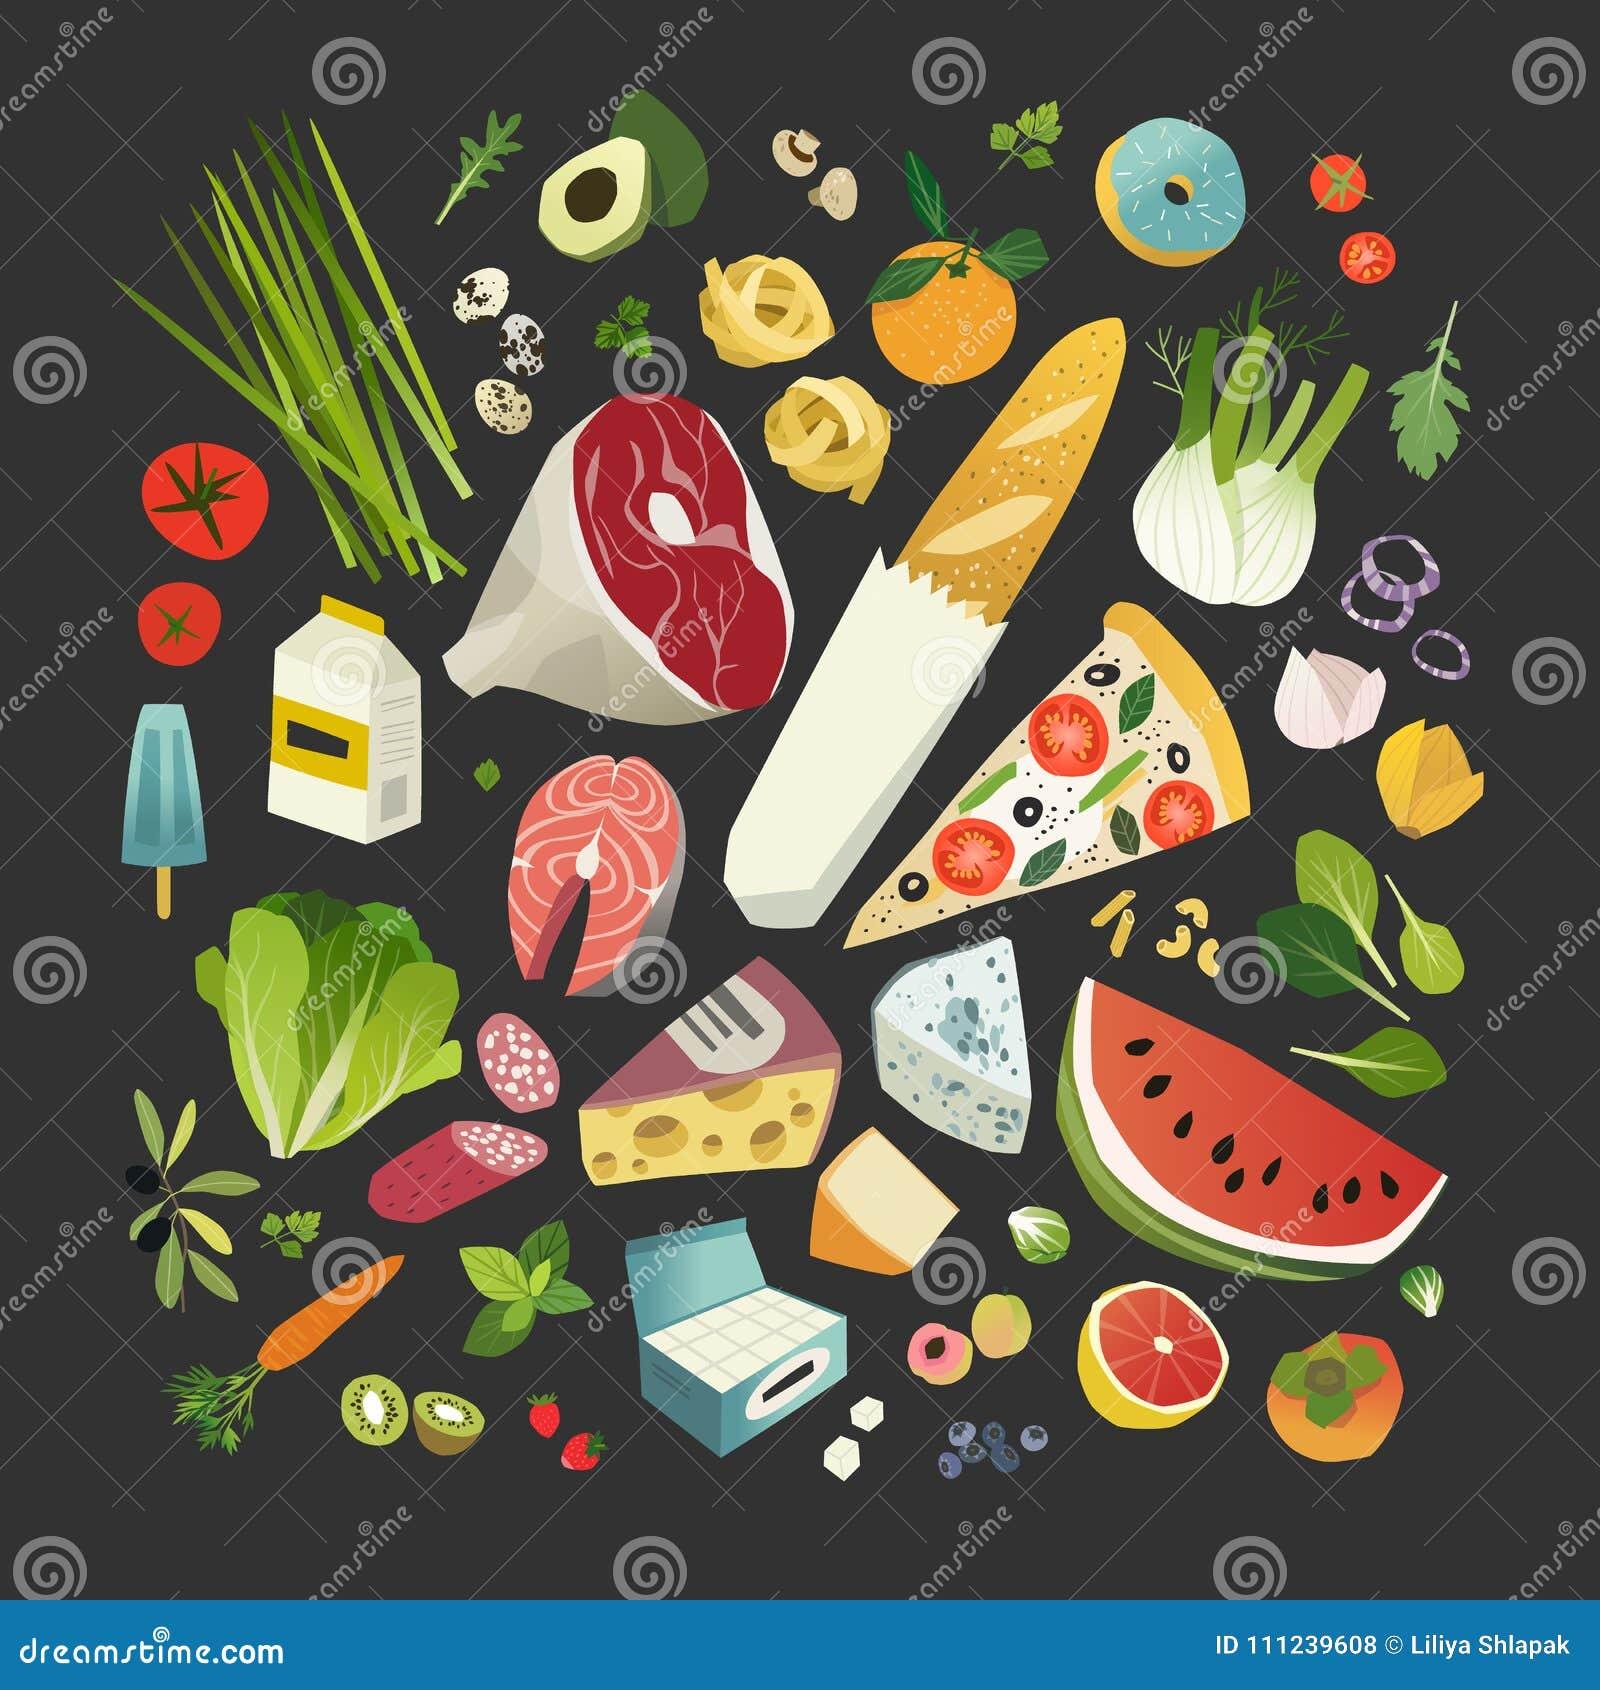 Mantimentos, frutas e legumes, carne, queijo, alguma padaria e produtos láteos